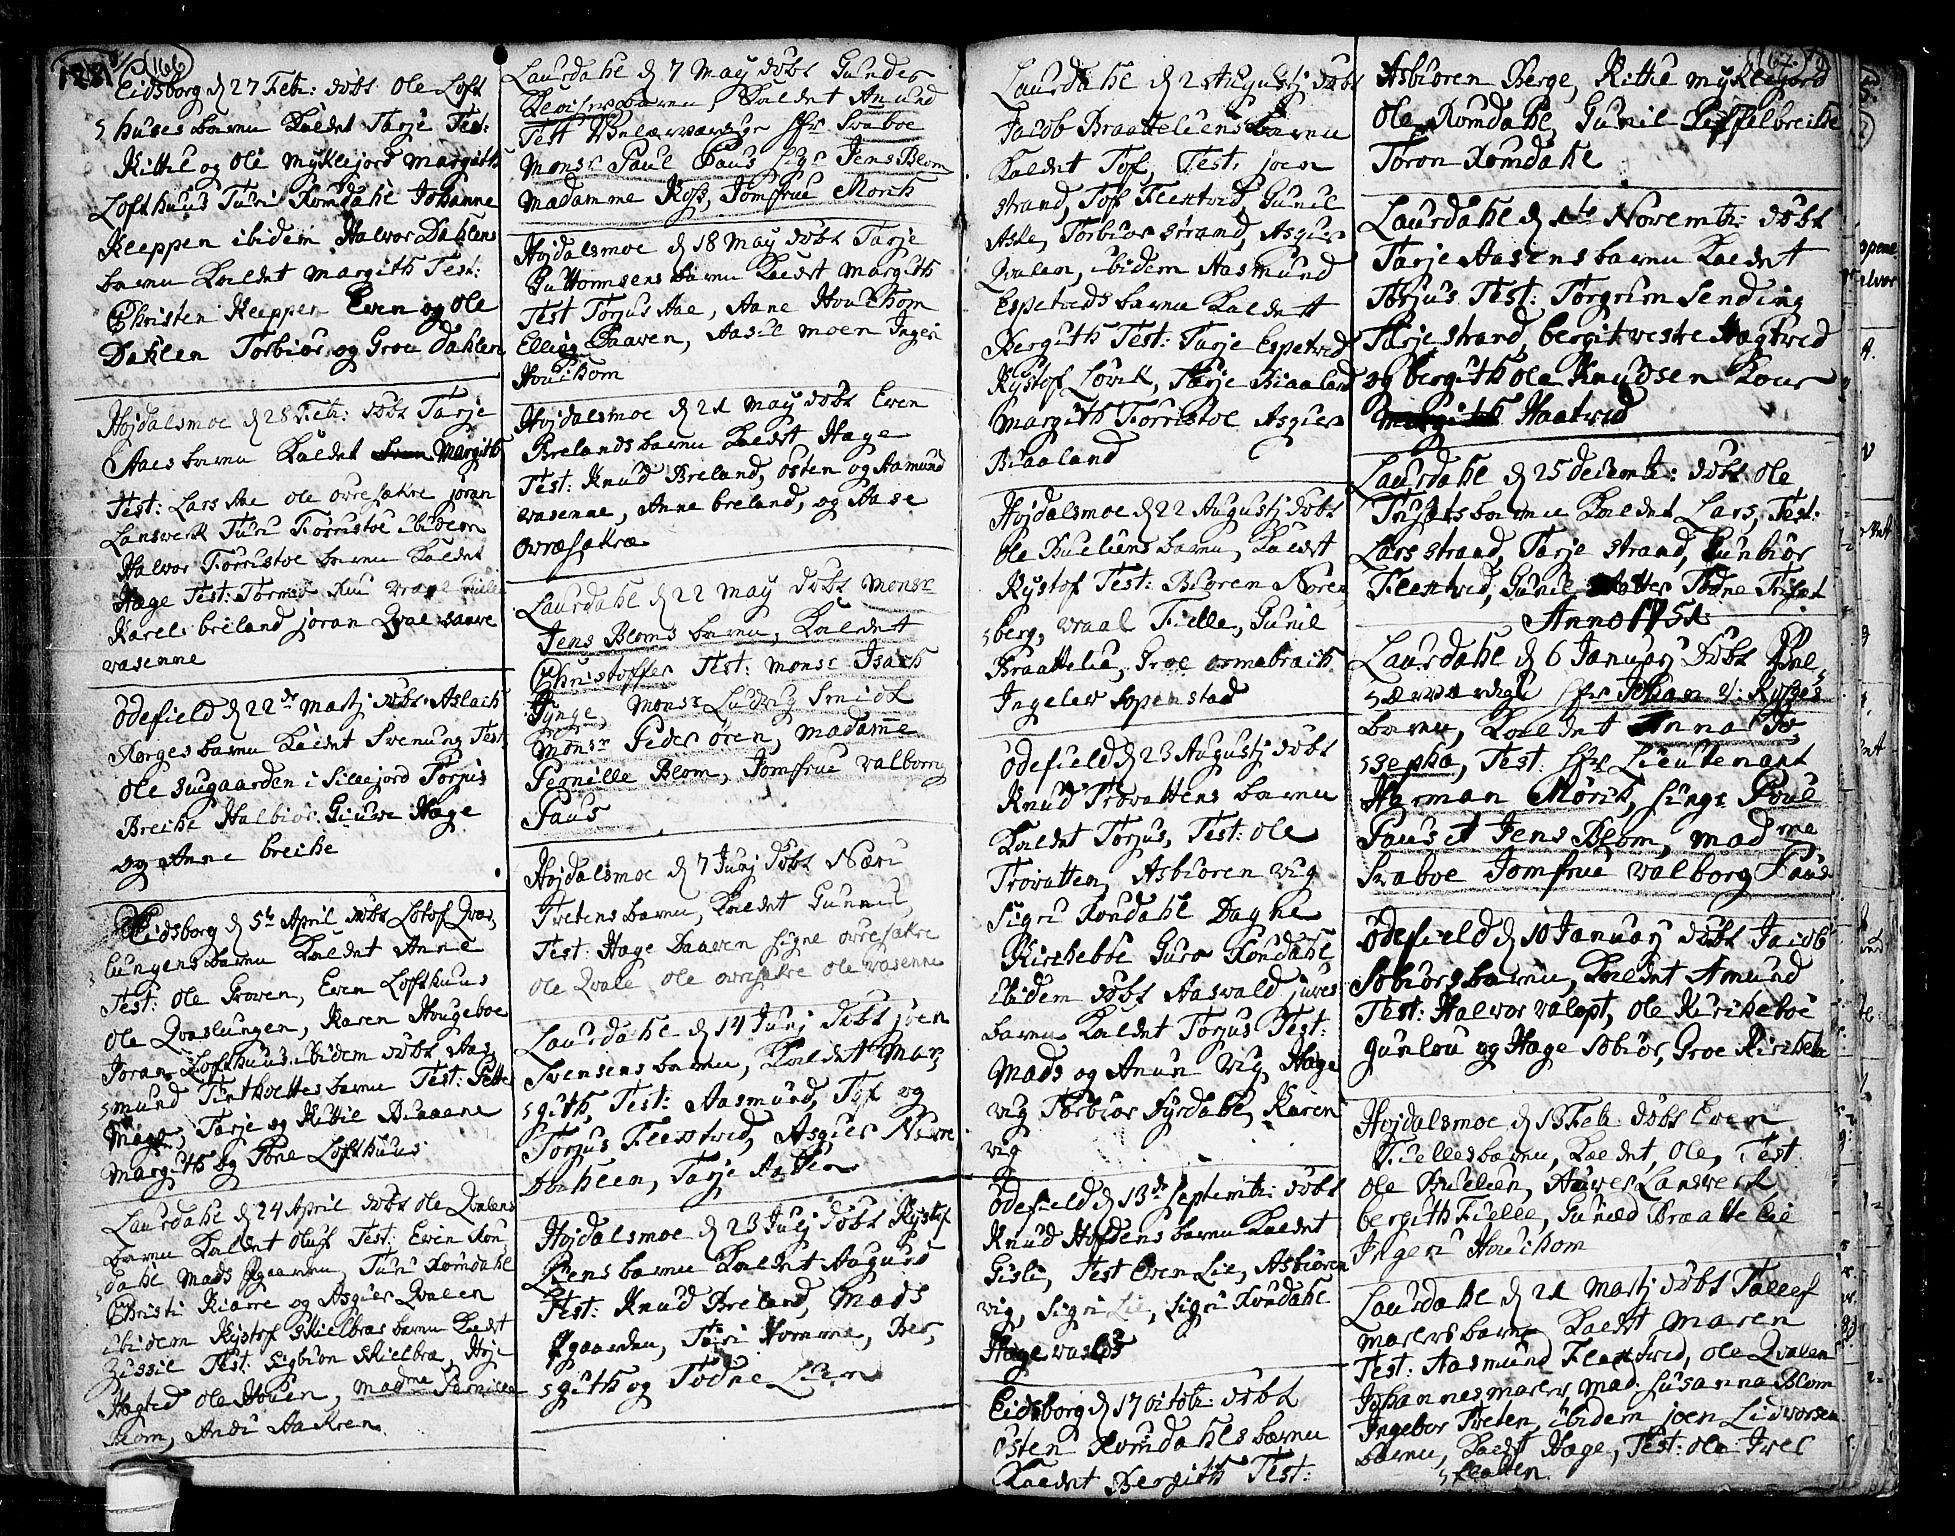 SAKO, Lårdal kirkebøker, F/Fa/L0002: Ministerialbok nr. I 2, 1734-1754, s. 166-167